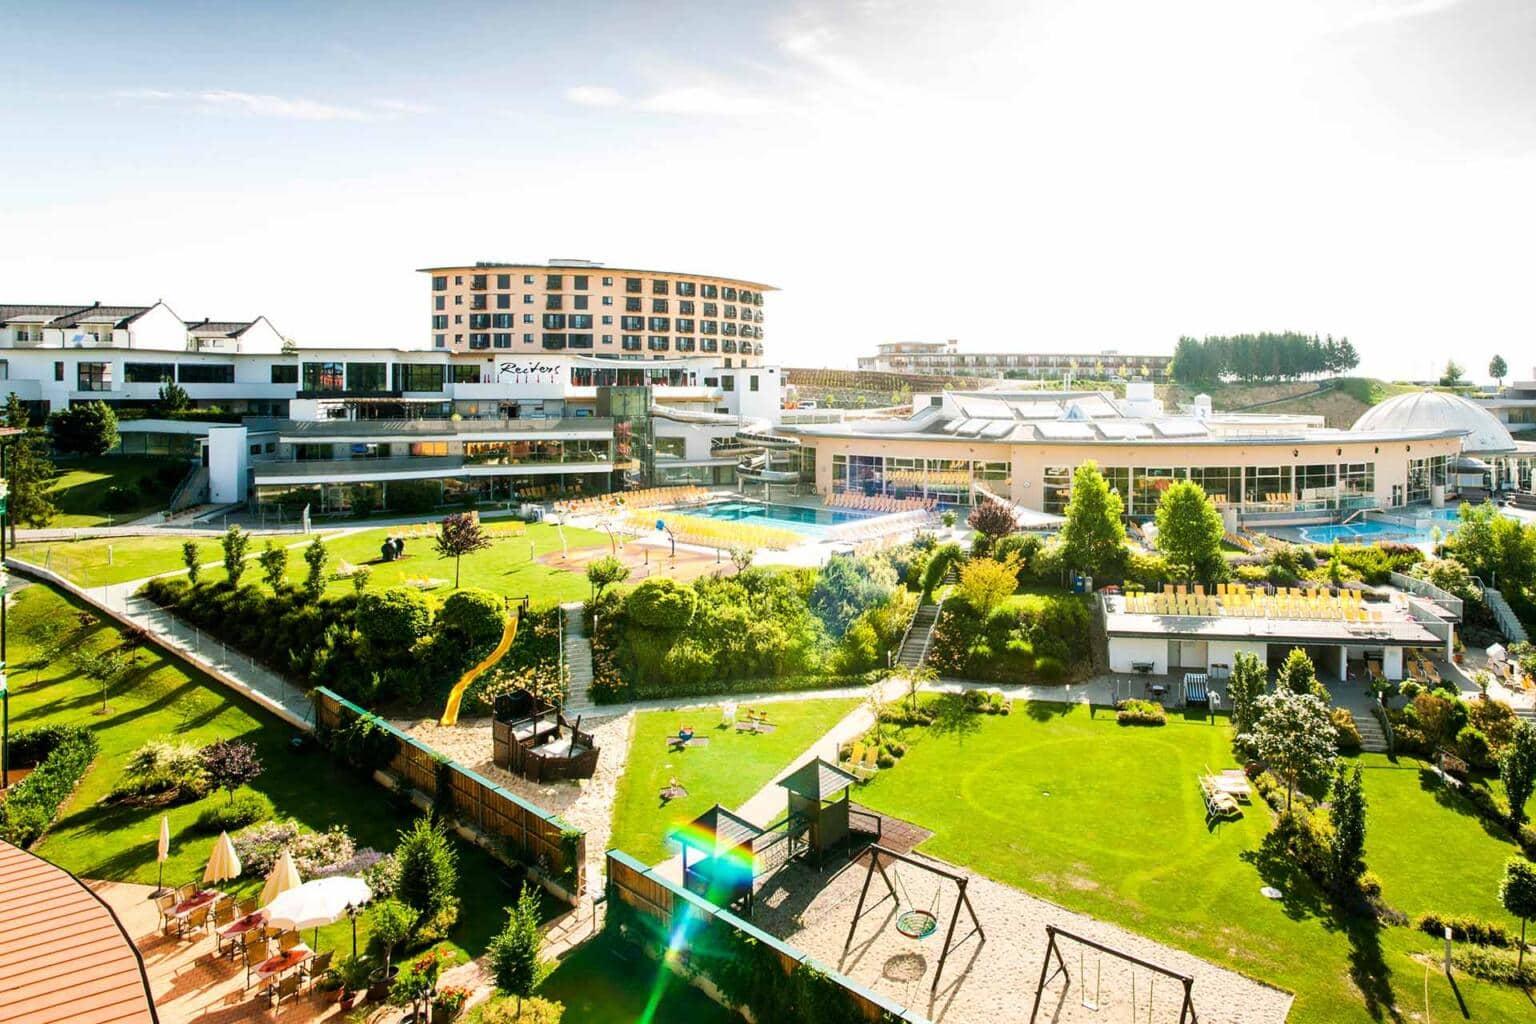 Außenbereich und Pools